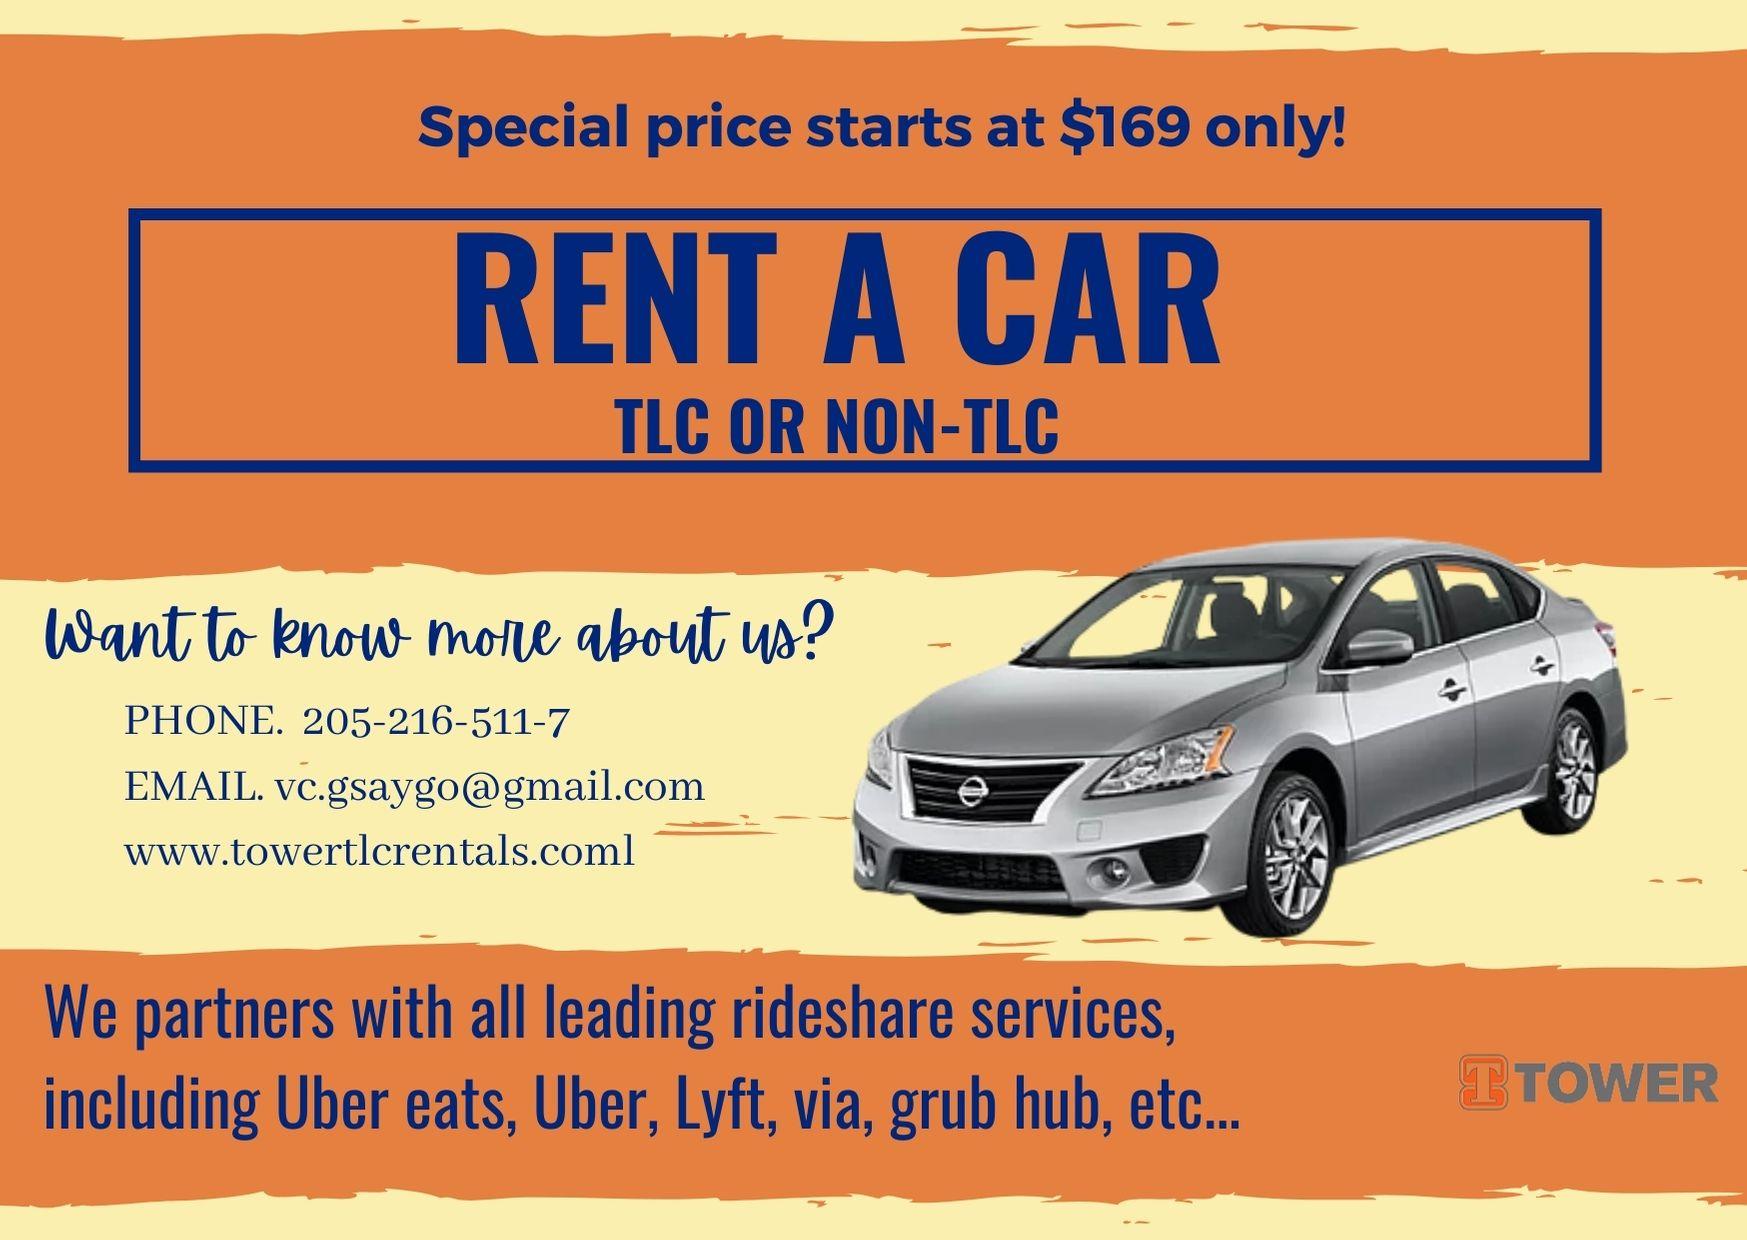 TLC and NON-TLC rentals